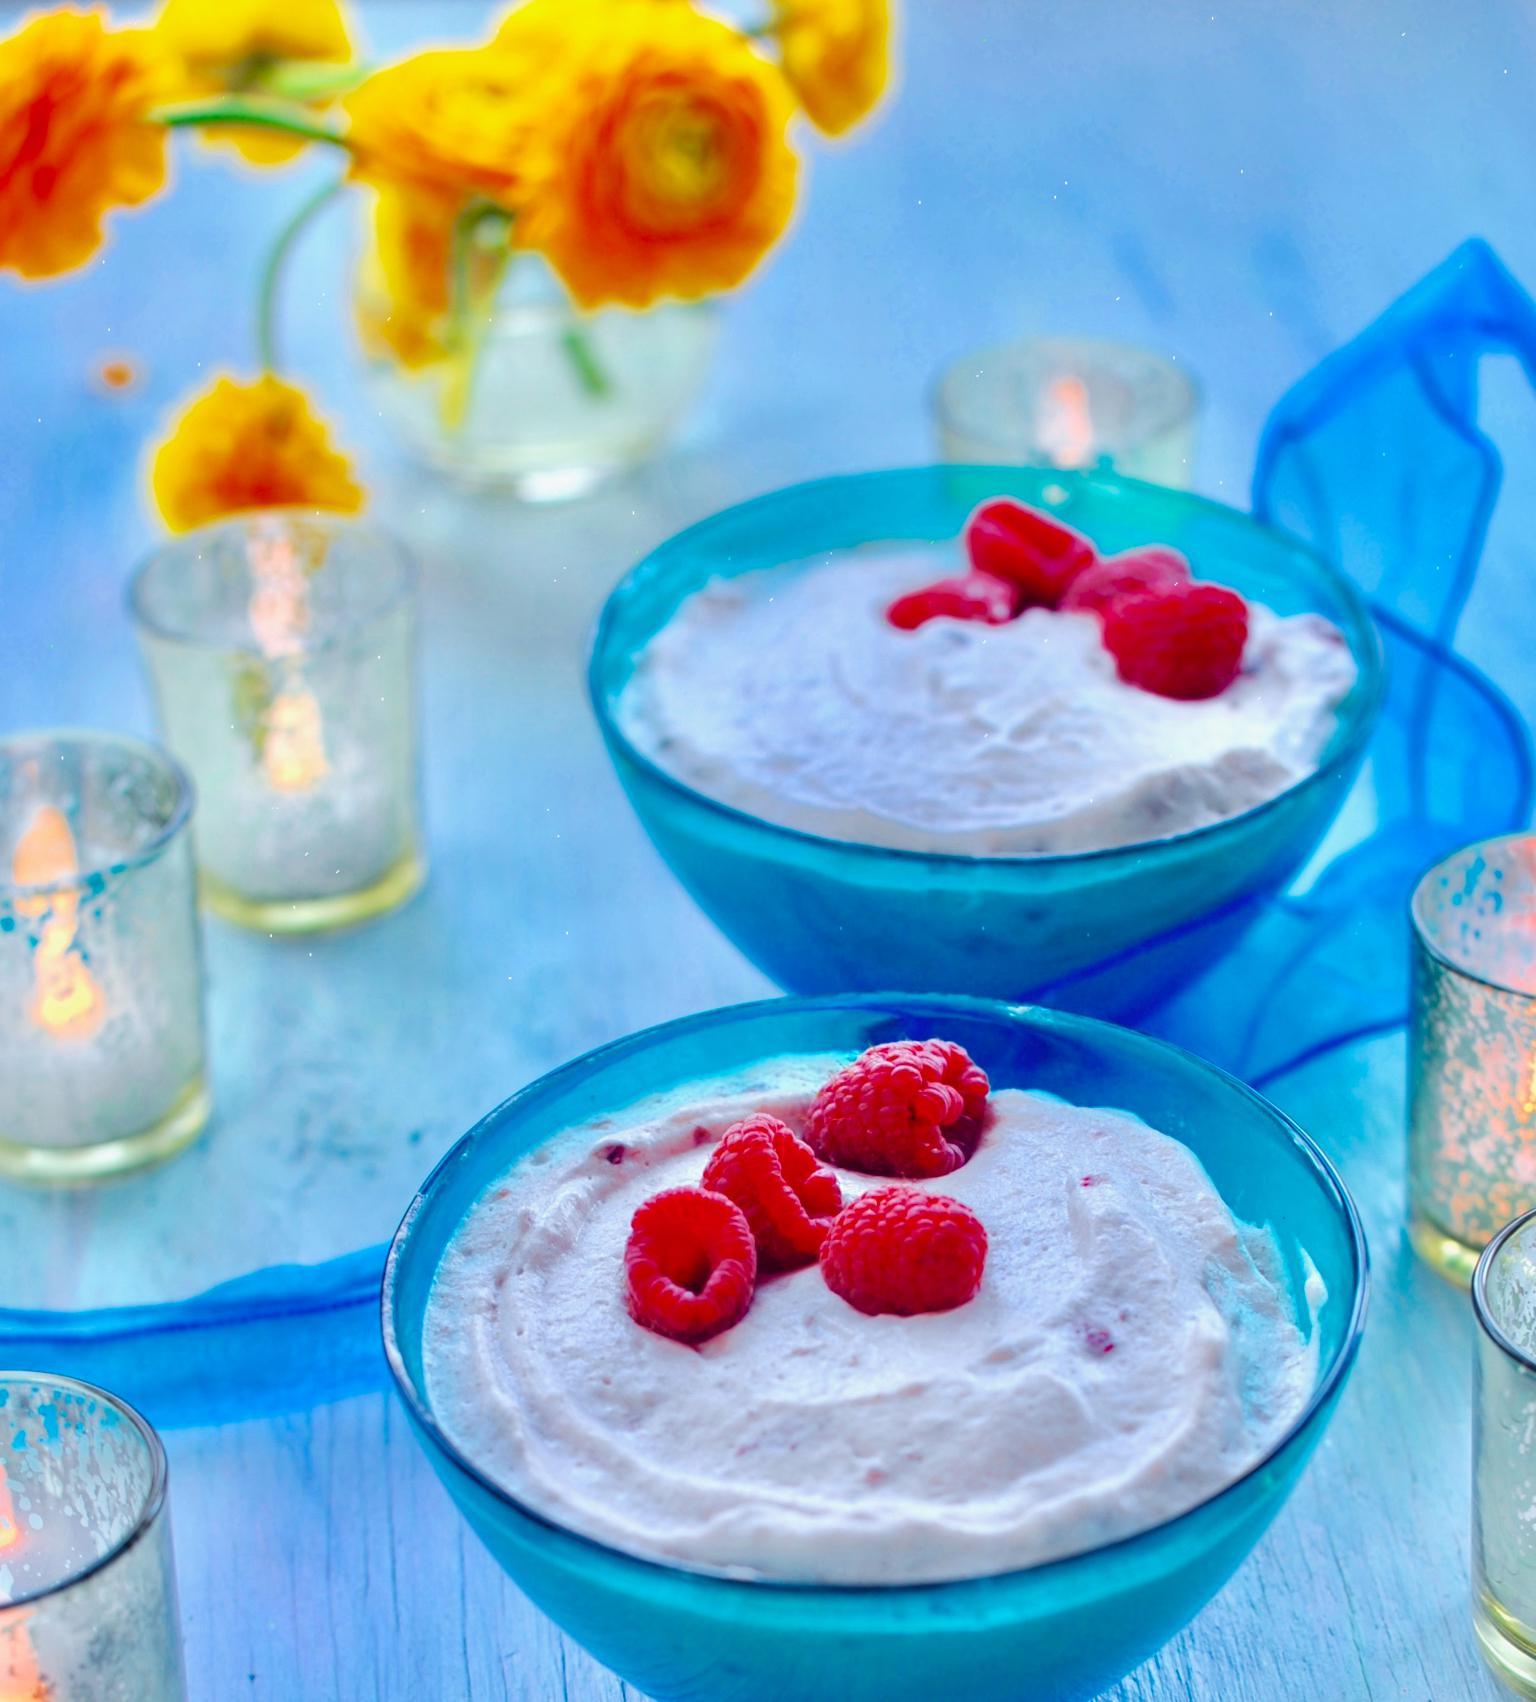 Vegan Raspberry Mousse with Aquafaba